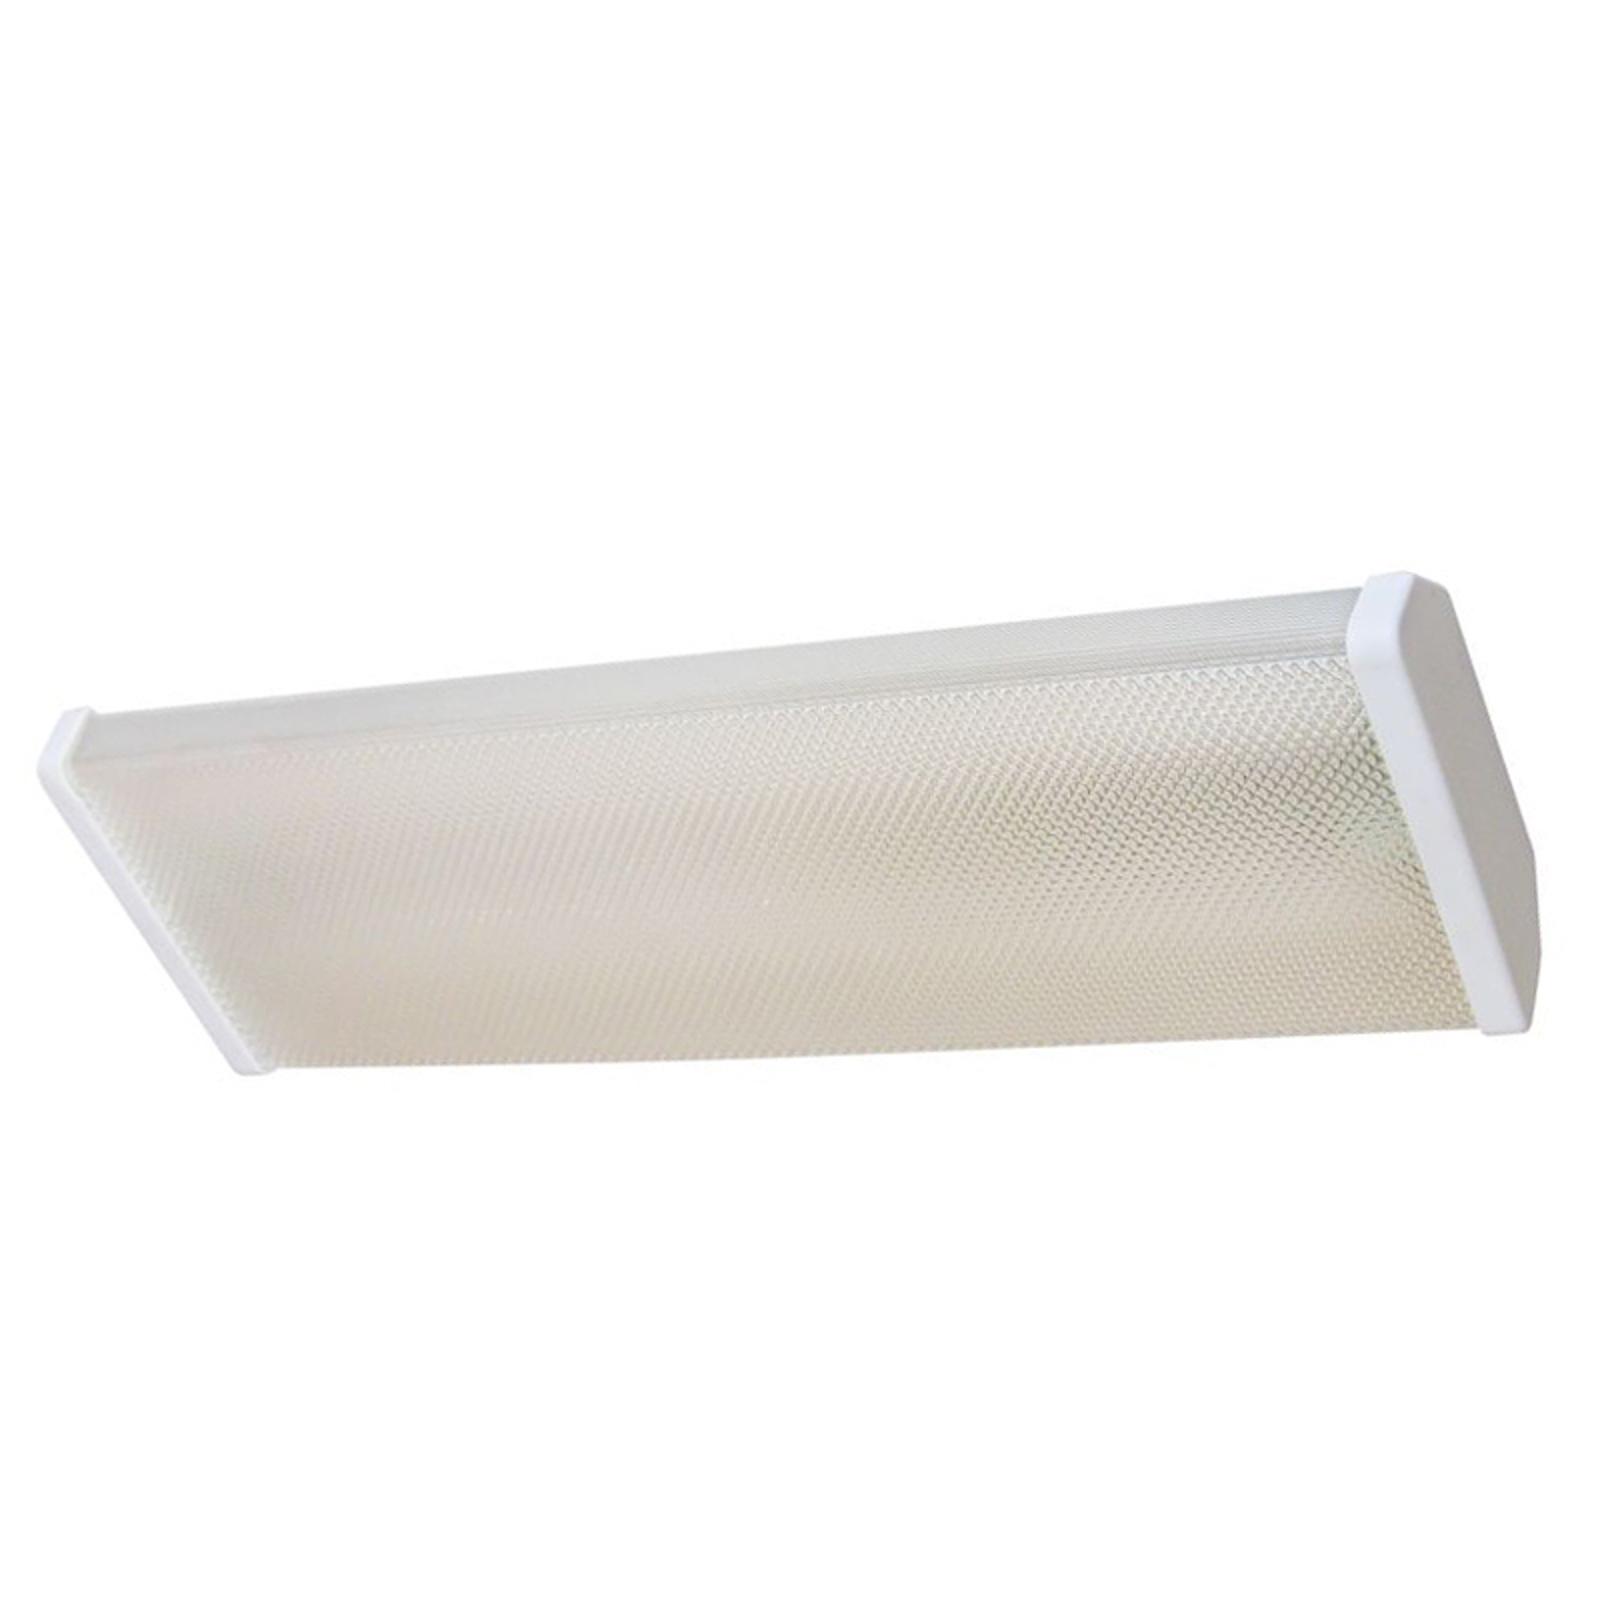 Verbrauchsarme Deckenleuchte Prismatik LED 10 W